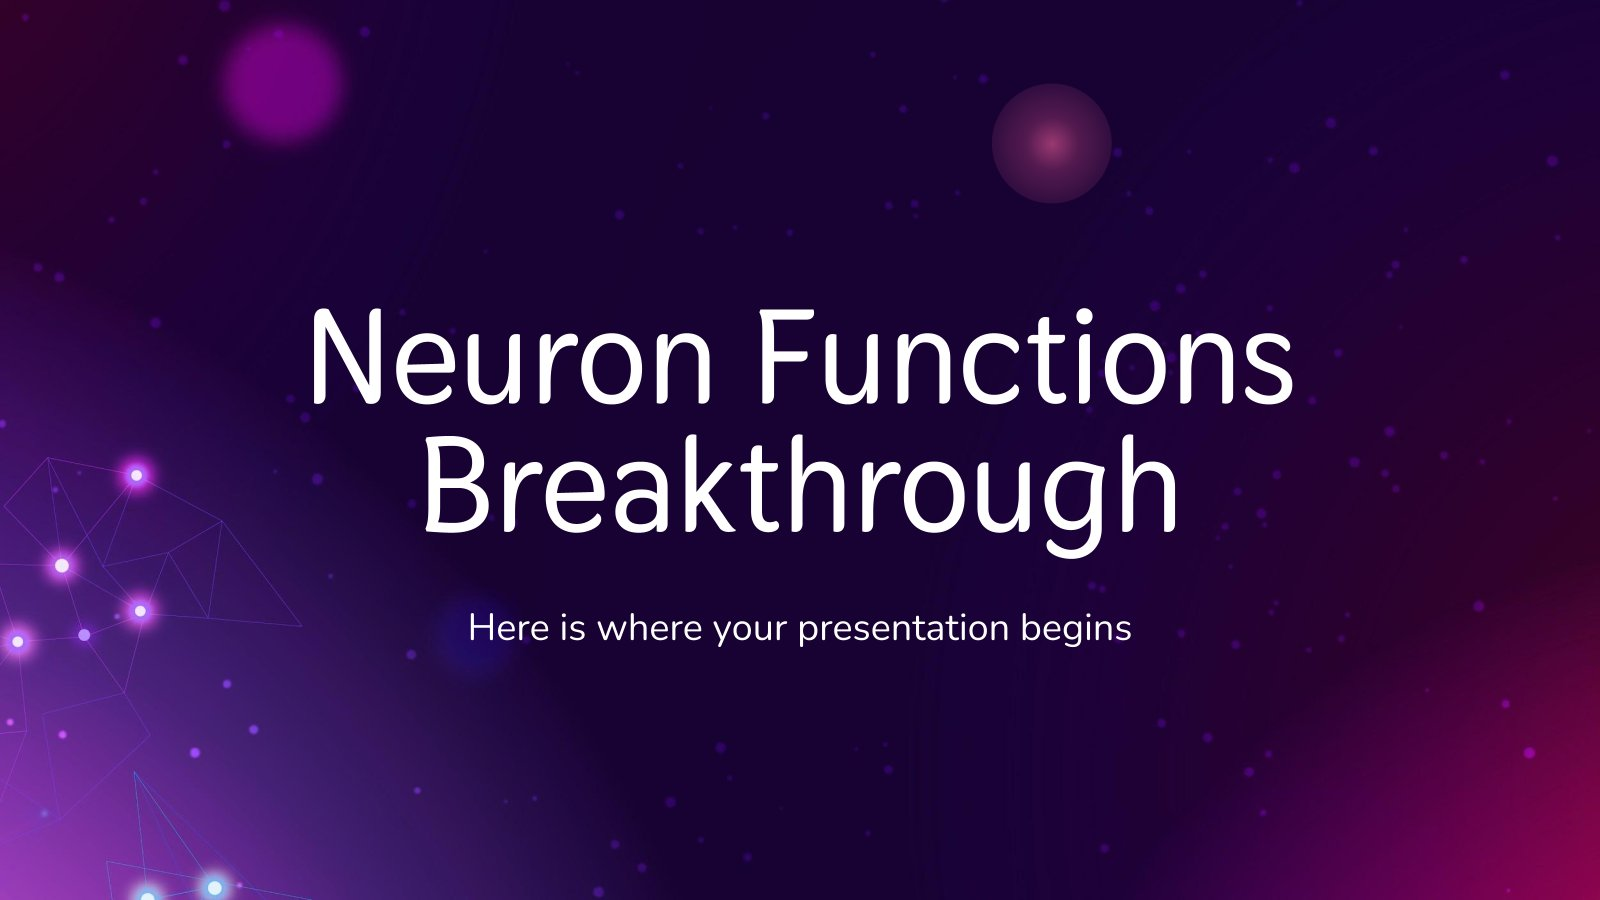 Plantilla de presentación Avance sobre las funciones neuronales